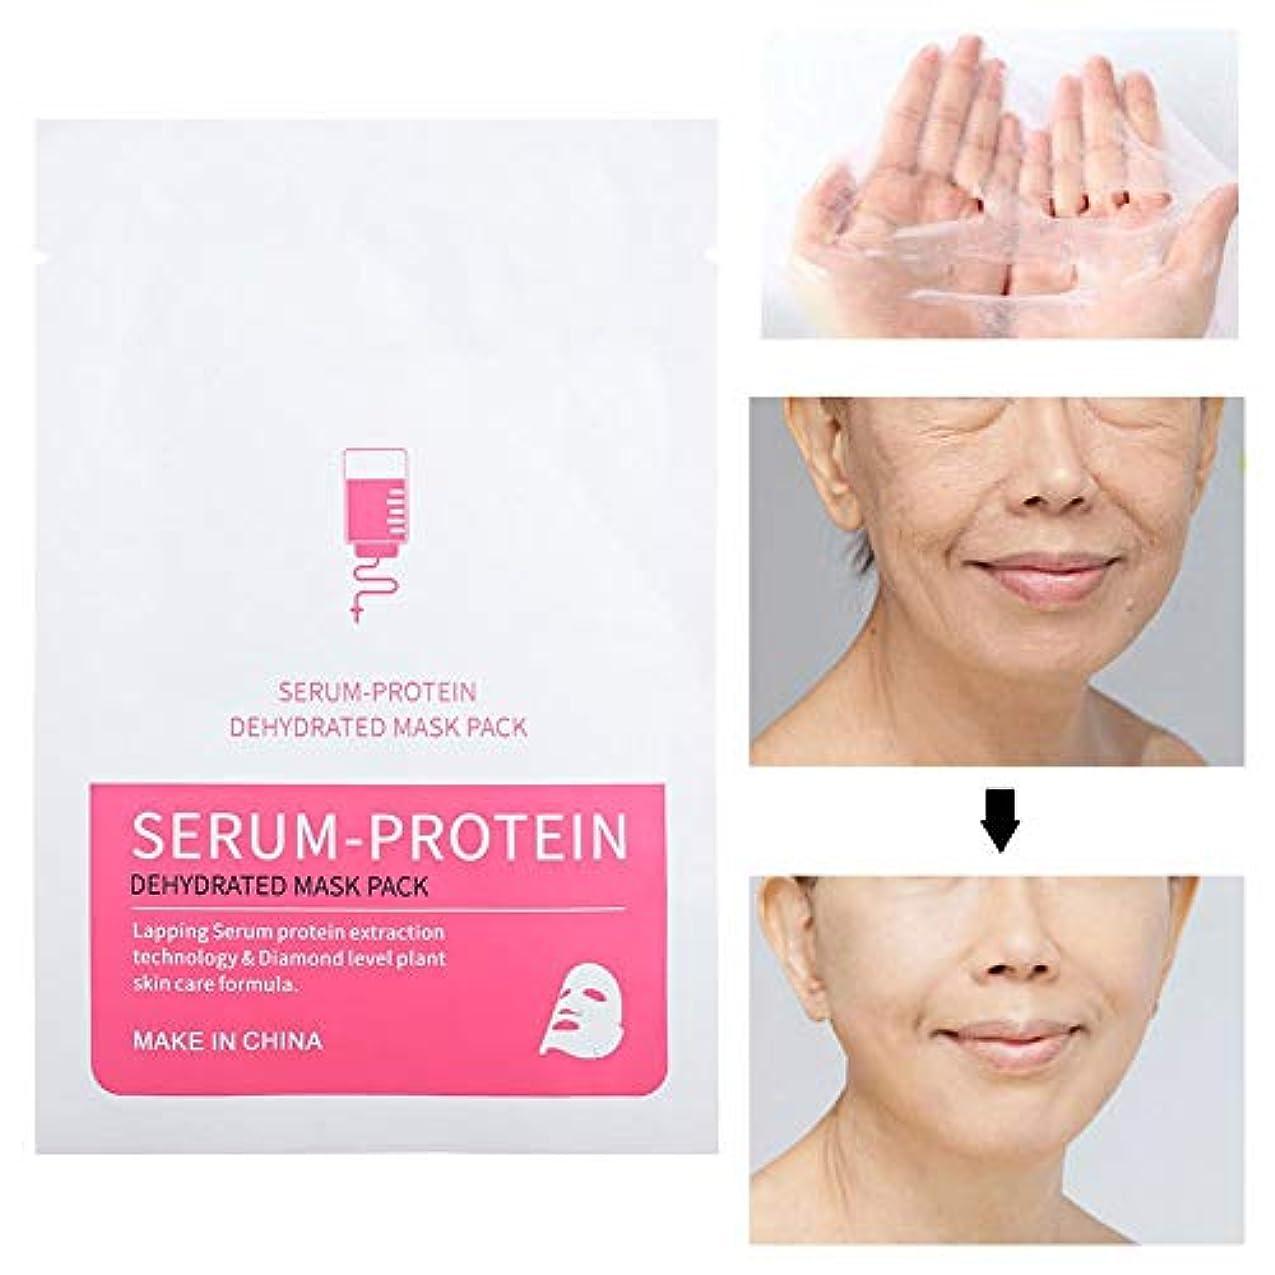 復活エレガントジャグリング3.5g血清蛋白質のマスク、凍結乾燥させた粉のマスクをしっかり止める反しわの収縮の気孔